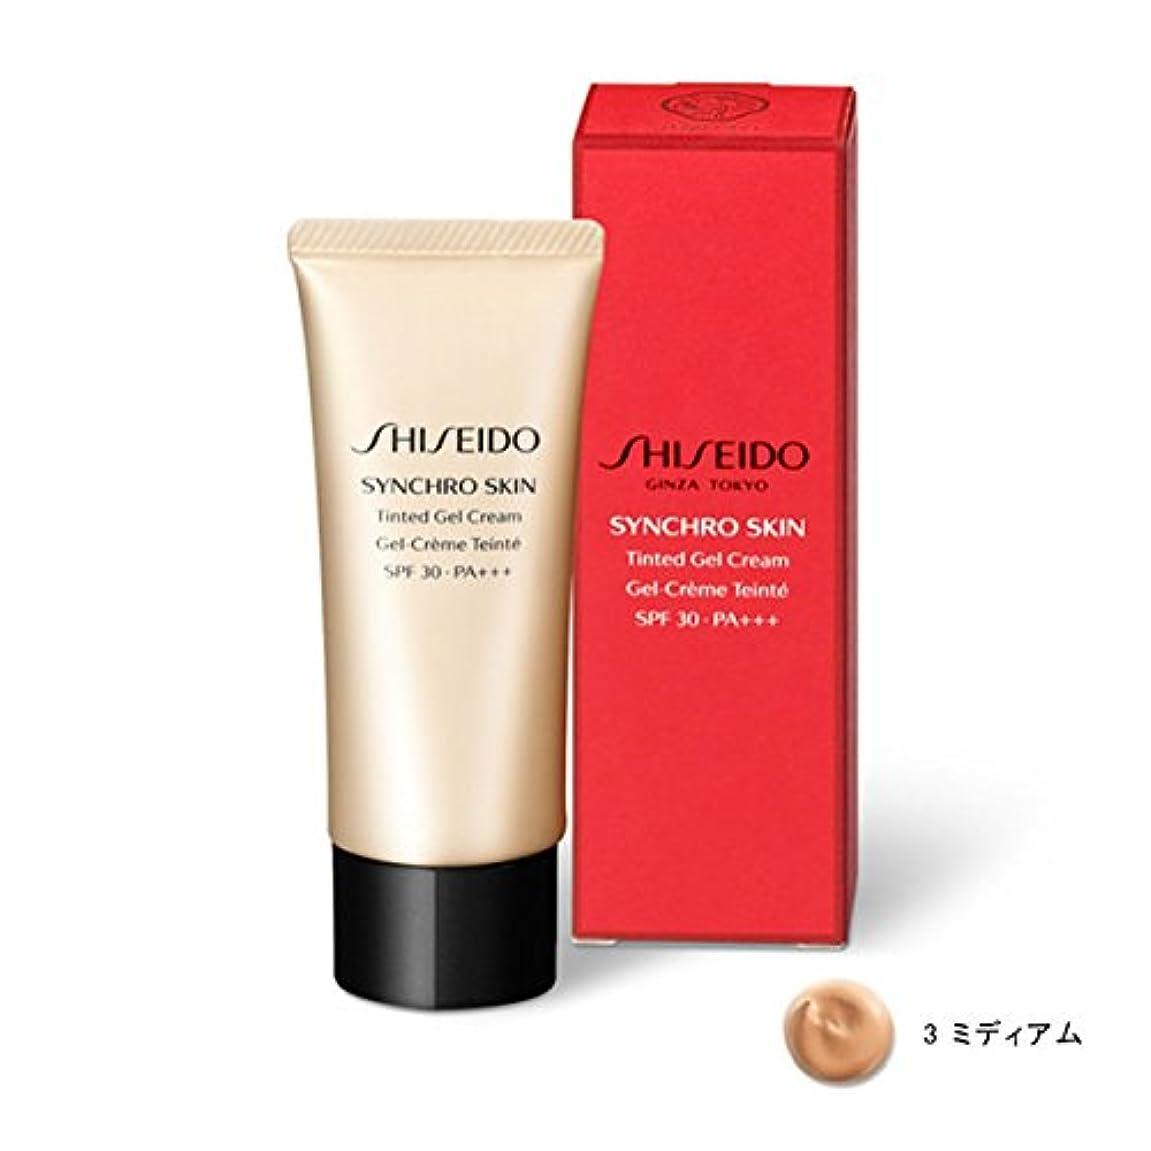 ベルトトランスミッション抑圧SHISEIDO Makeup(資生堂 メーキャップ) SHISEIDO(資生堂) シンクロスキン ティンティッド ジェルクリーム (3 ミディアム)